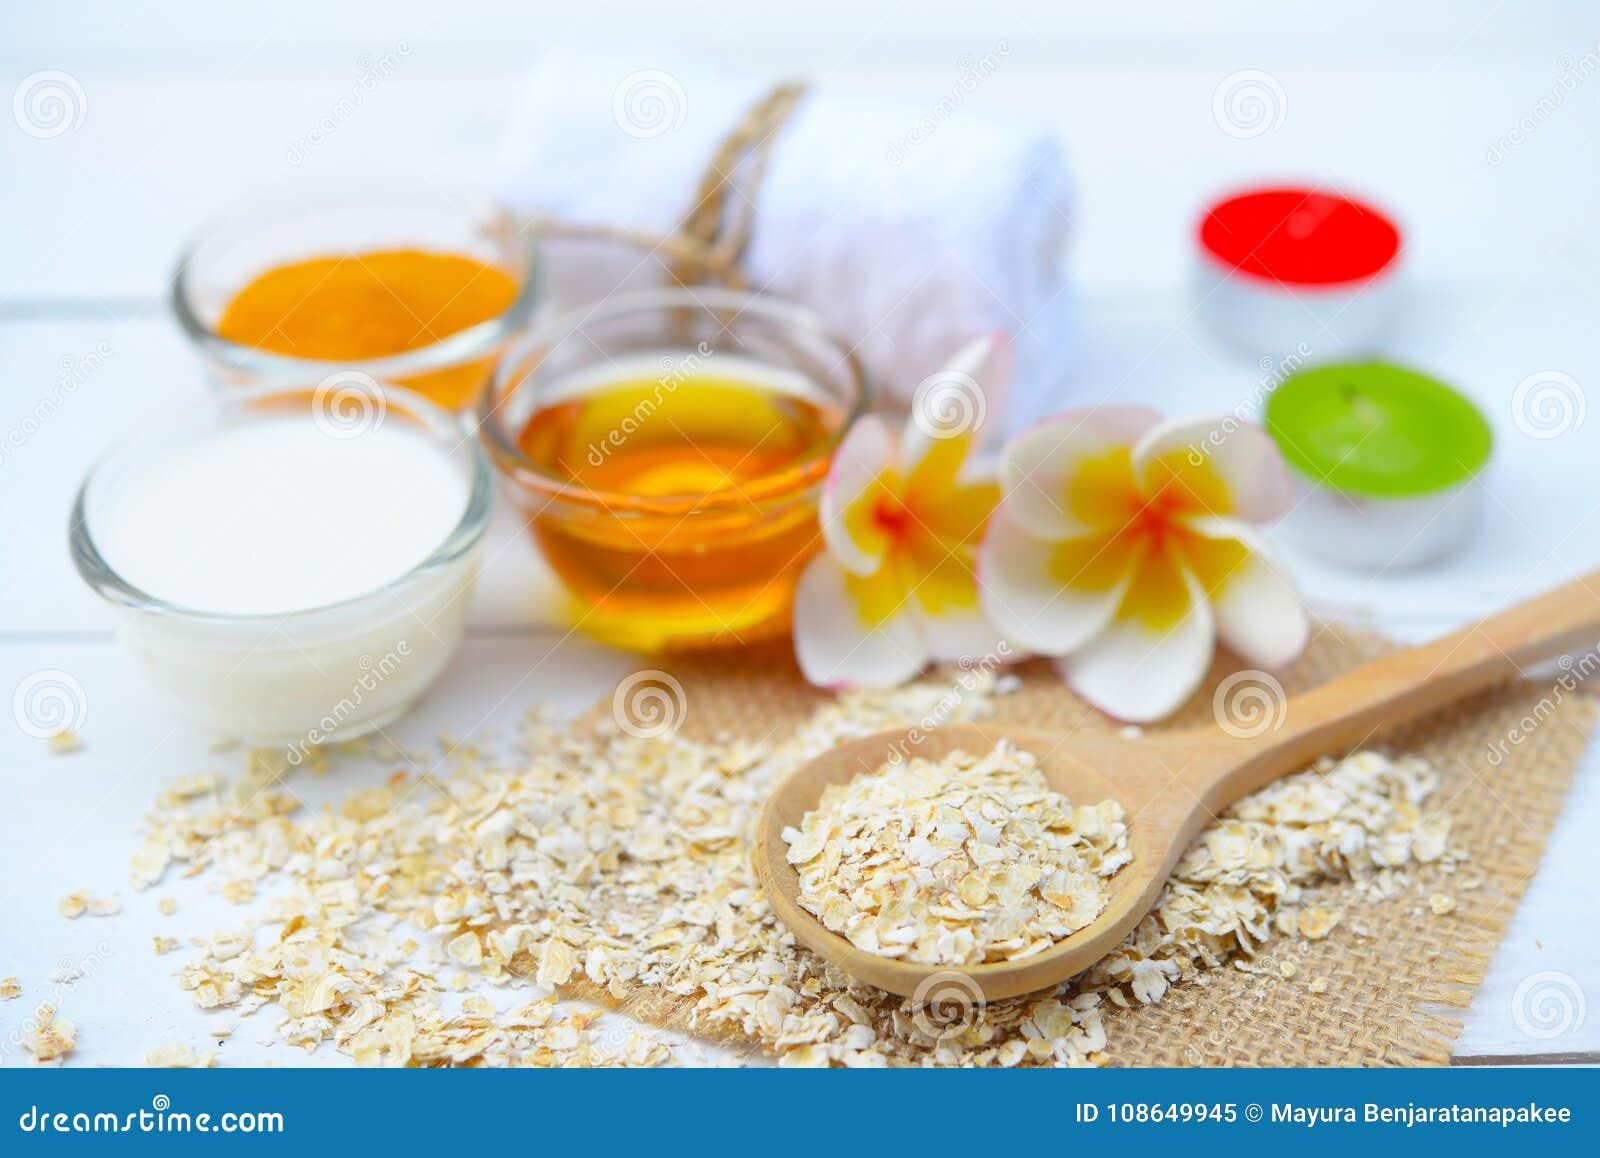 Τα φυσικά συστατικά για το σπιτικό πρόσωπο σώματος τρίβουν το μέλι και το γιαούρτι βρωμών ανασκόπησης ομορφιάς μπλε έννοιας εμπορ